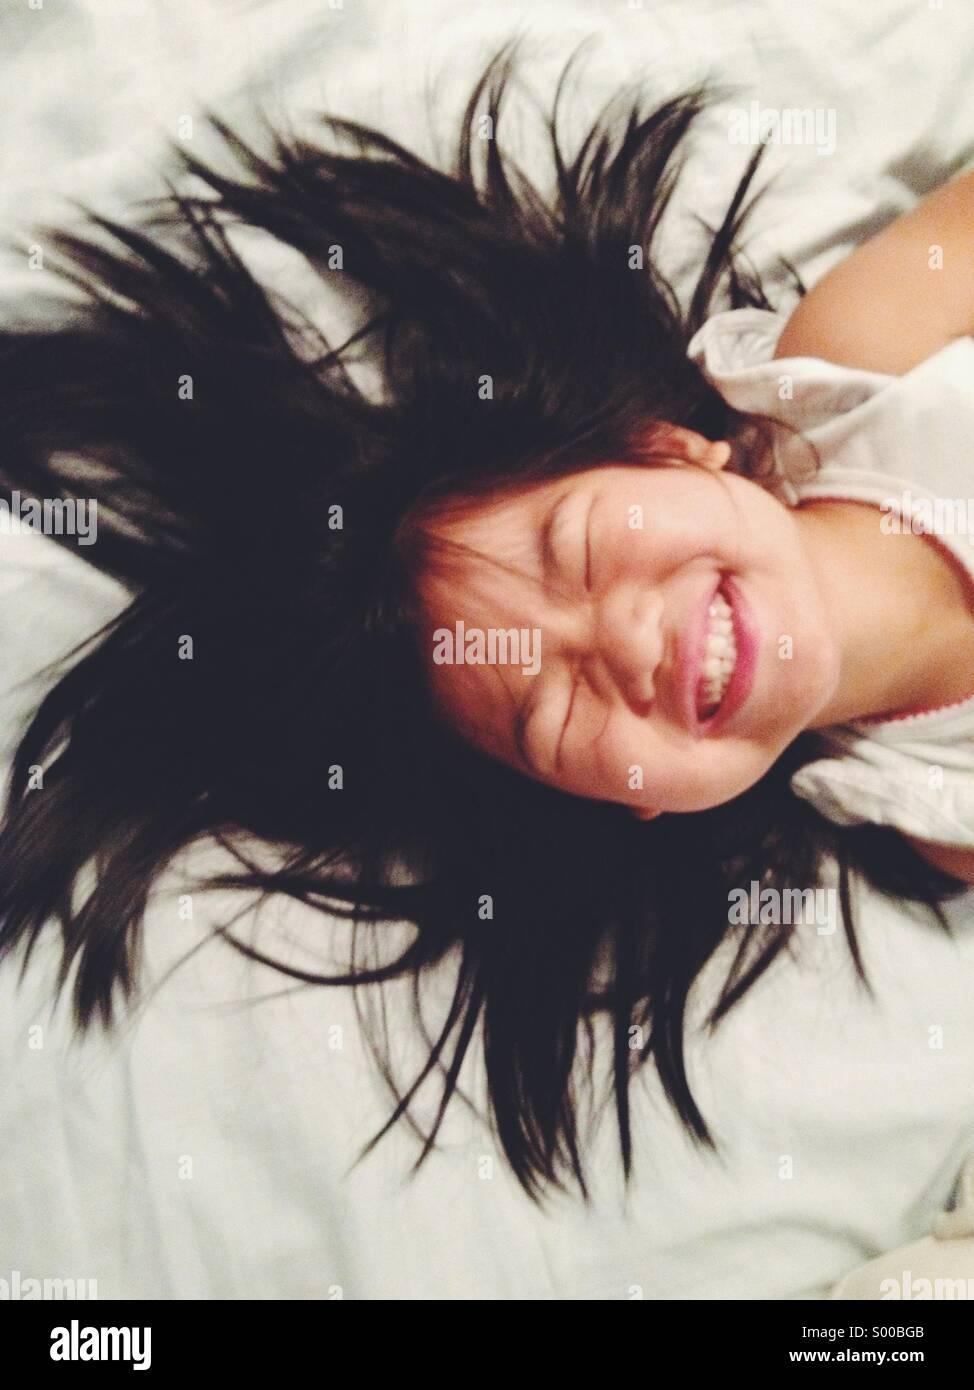 Jovem que no leito a sorrir Imagens de Stock